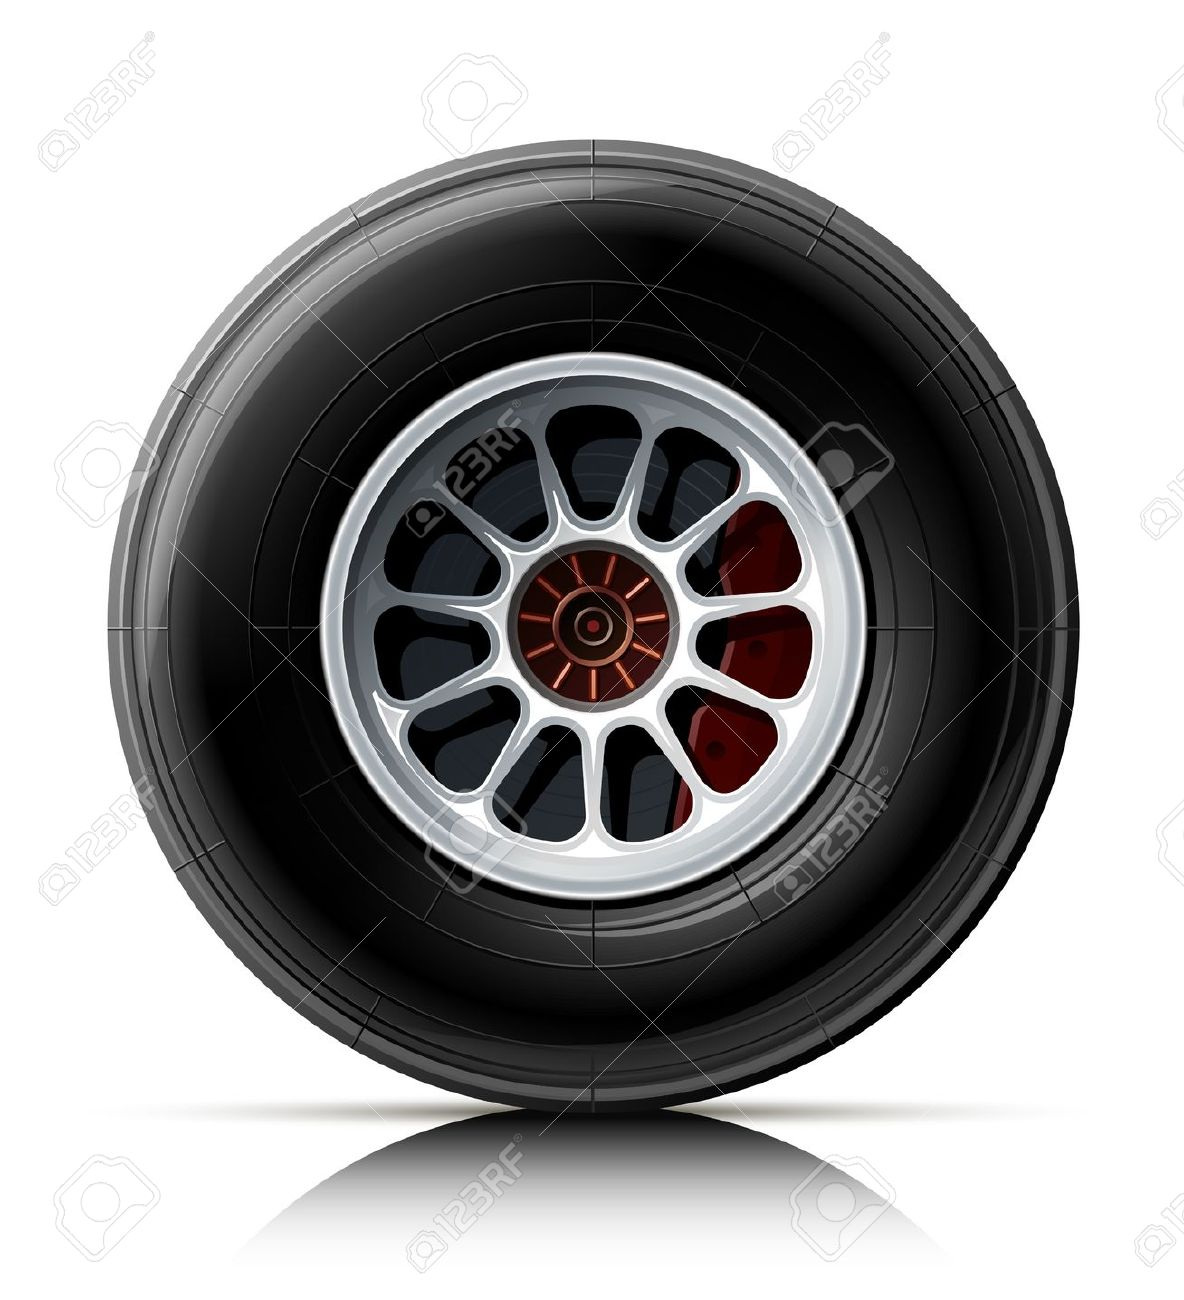 Race car tire clipart.